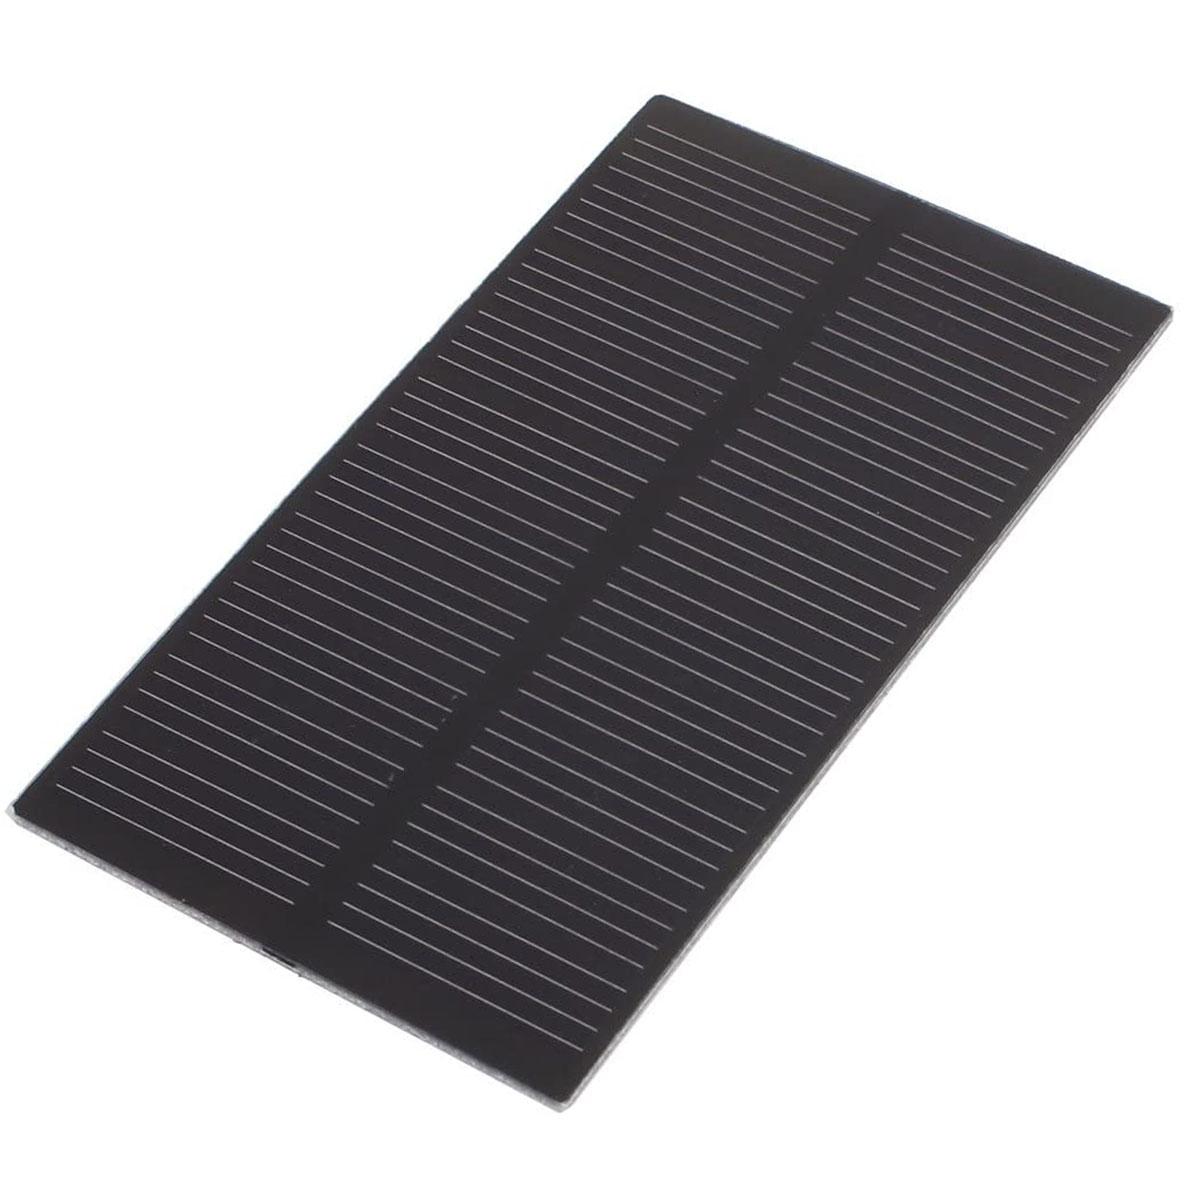 Mini Painel / Placa / Célula de Energia Solar Fotovoltaica 5v 200mA 1w